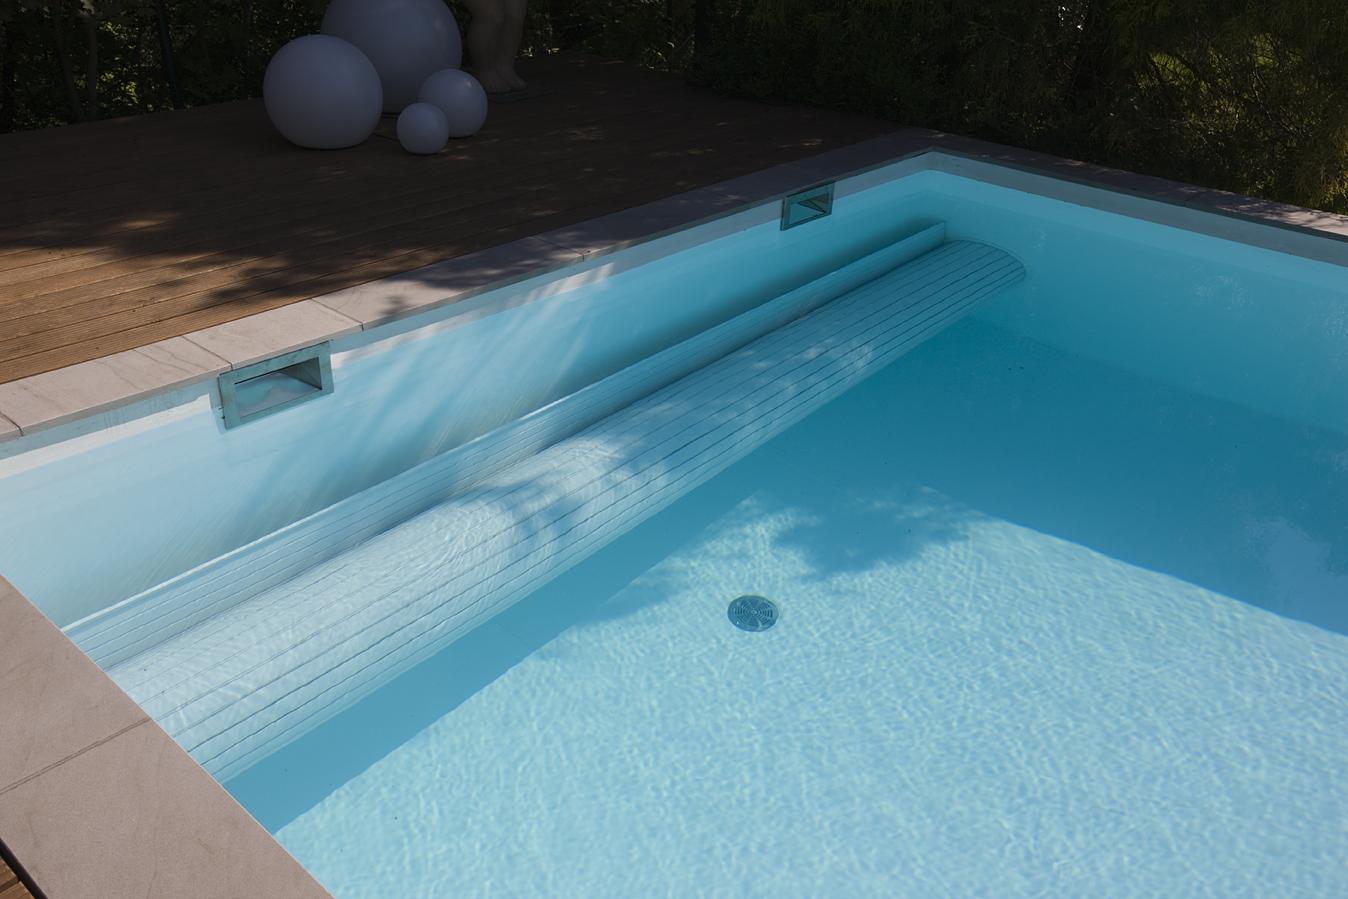 Schwimmbad Abdeckung im Wasser